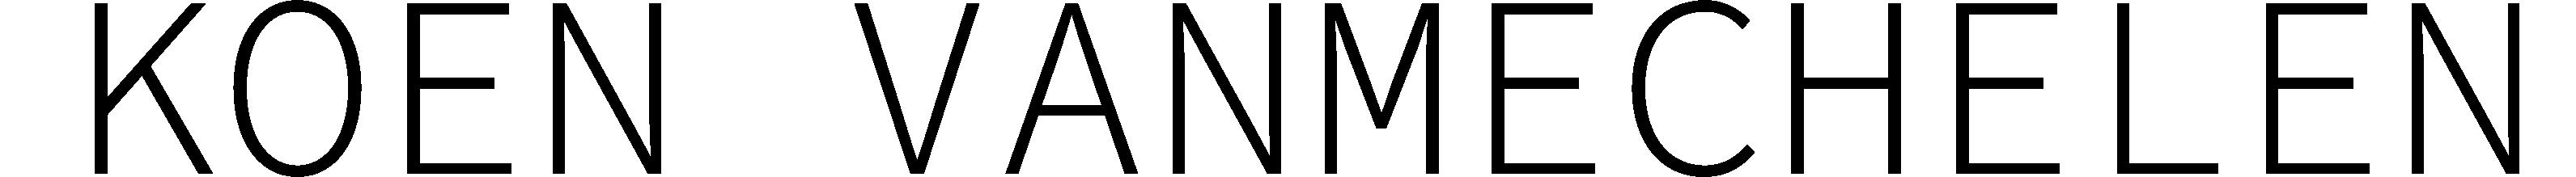 Logo klant van White Light: Koen Vanmechelen